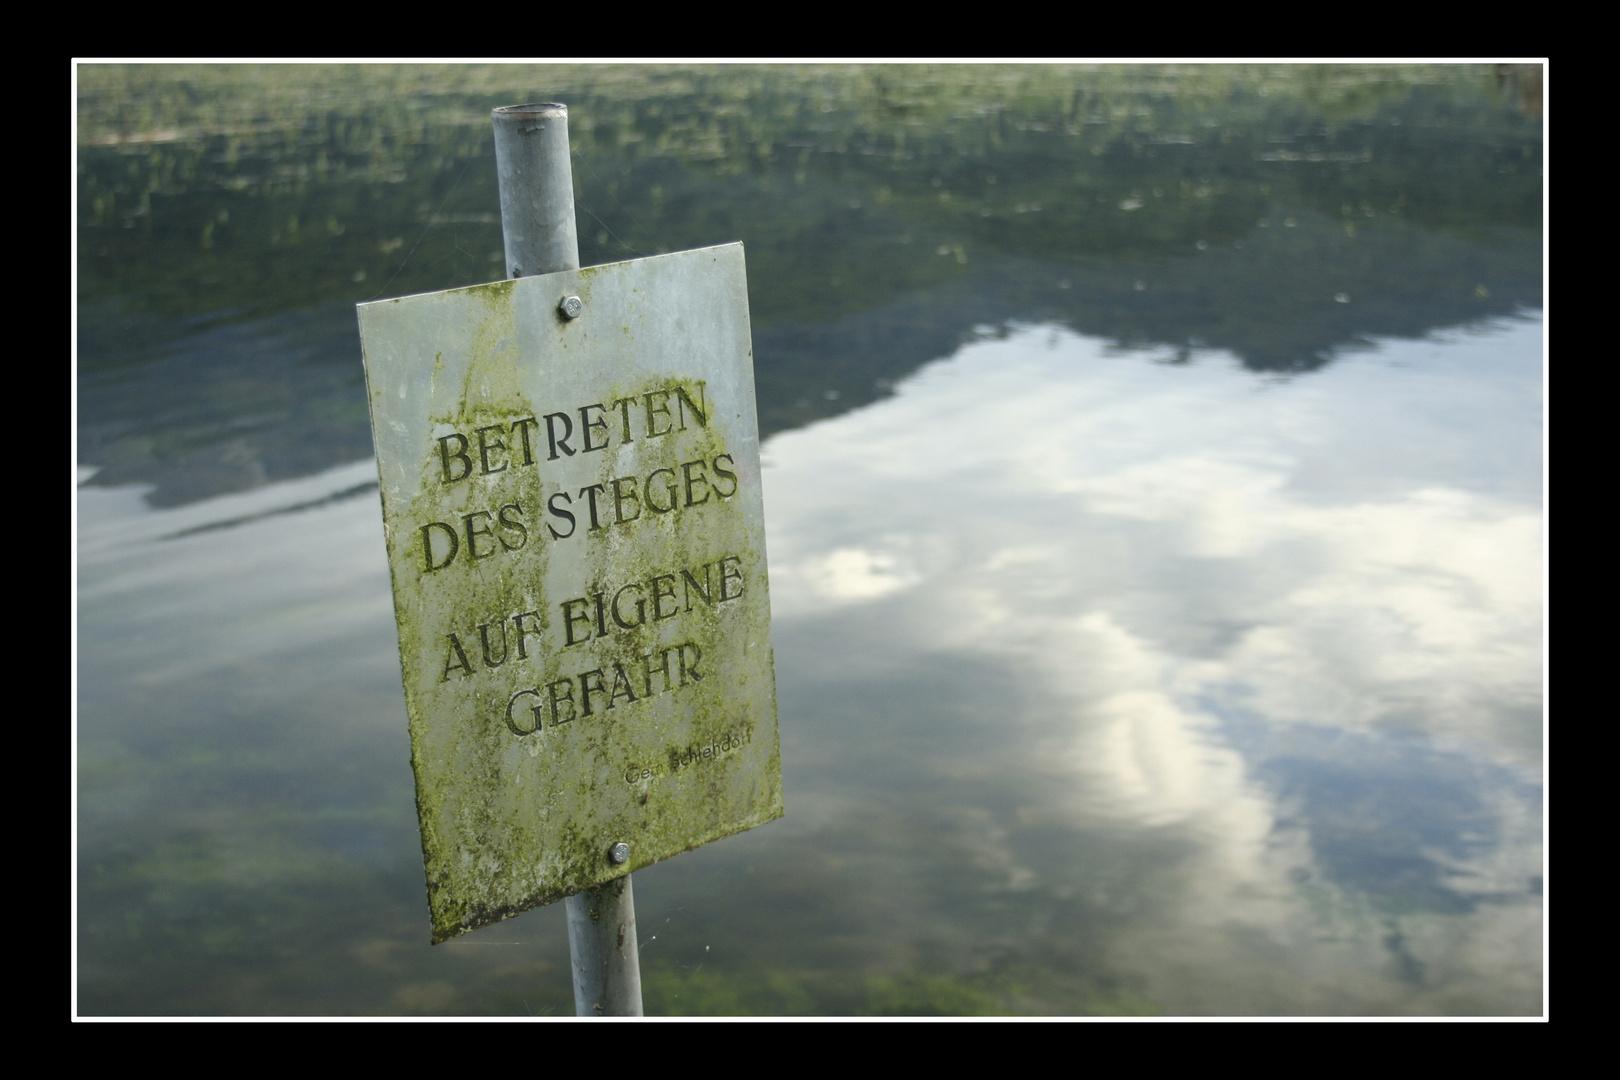 Betreten verboten!